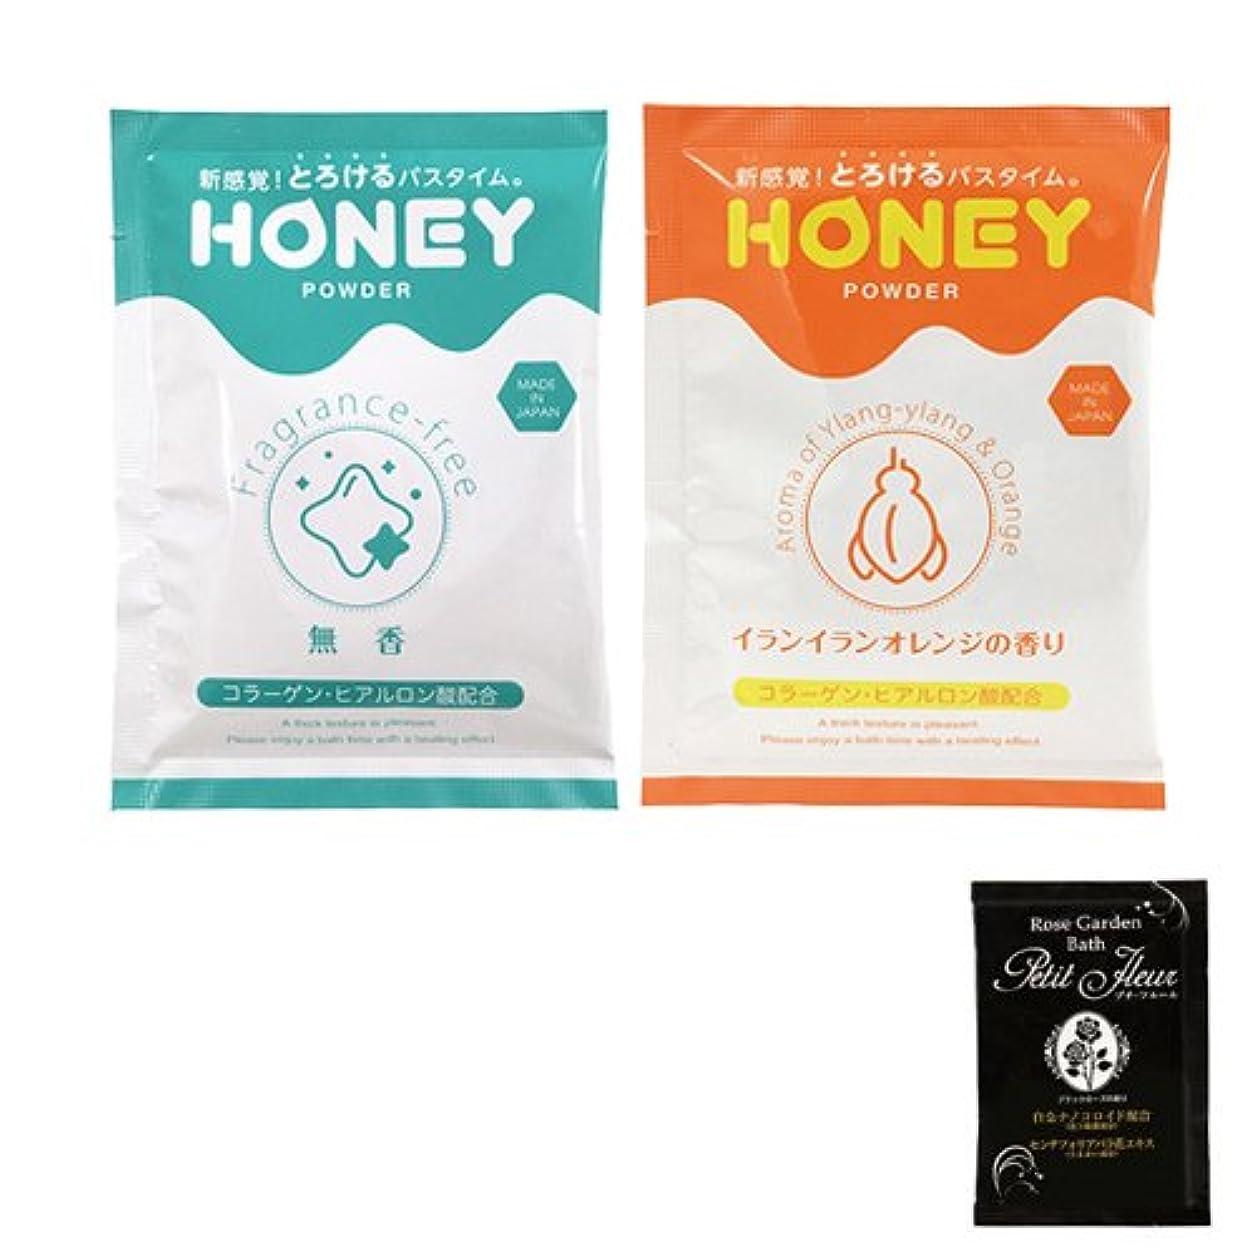 ストレス国勢調査メッシュとろとろ入浴剤【honey powder】粉末タイプ イランイランオレンジの香り + 無香 + 入浴剤(プチフルール)1回分